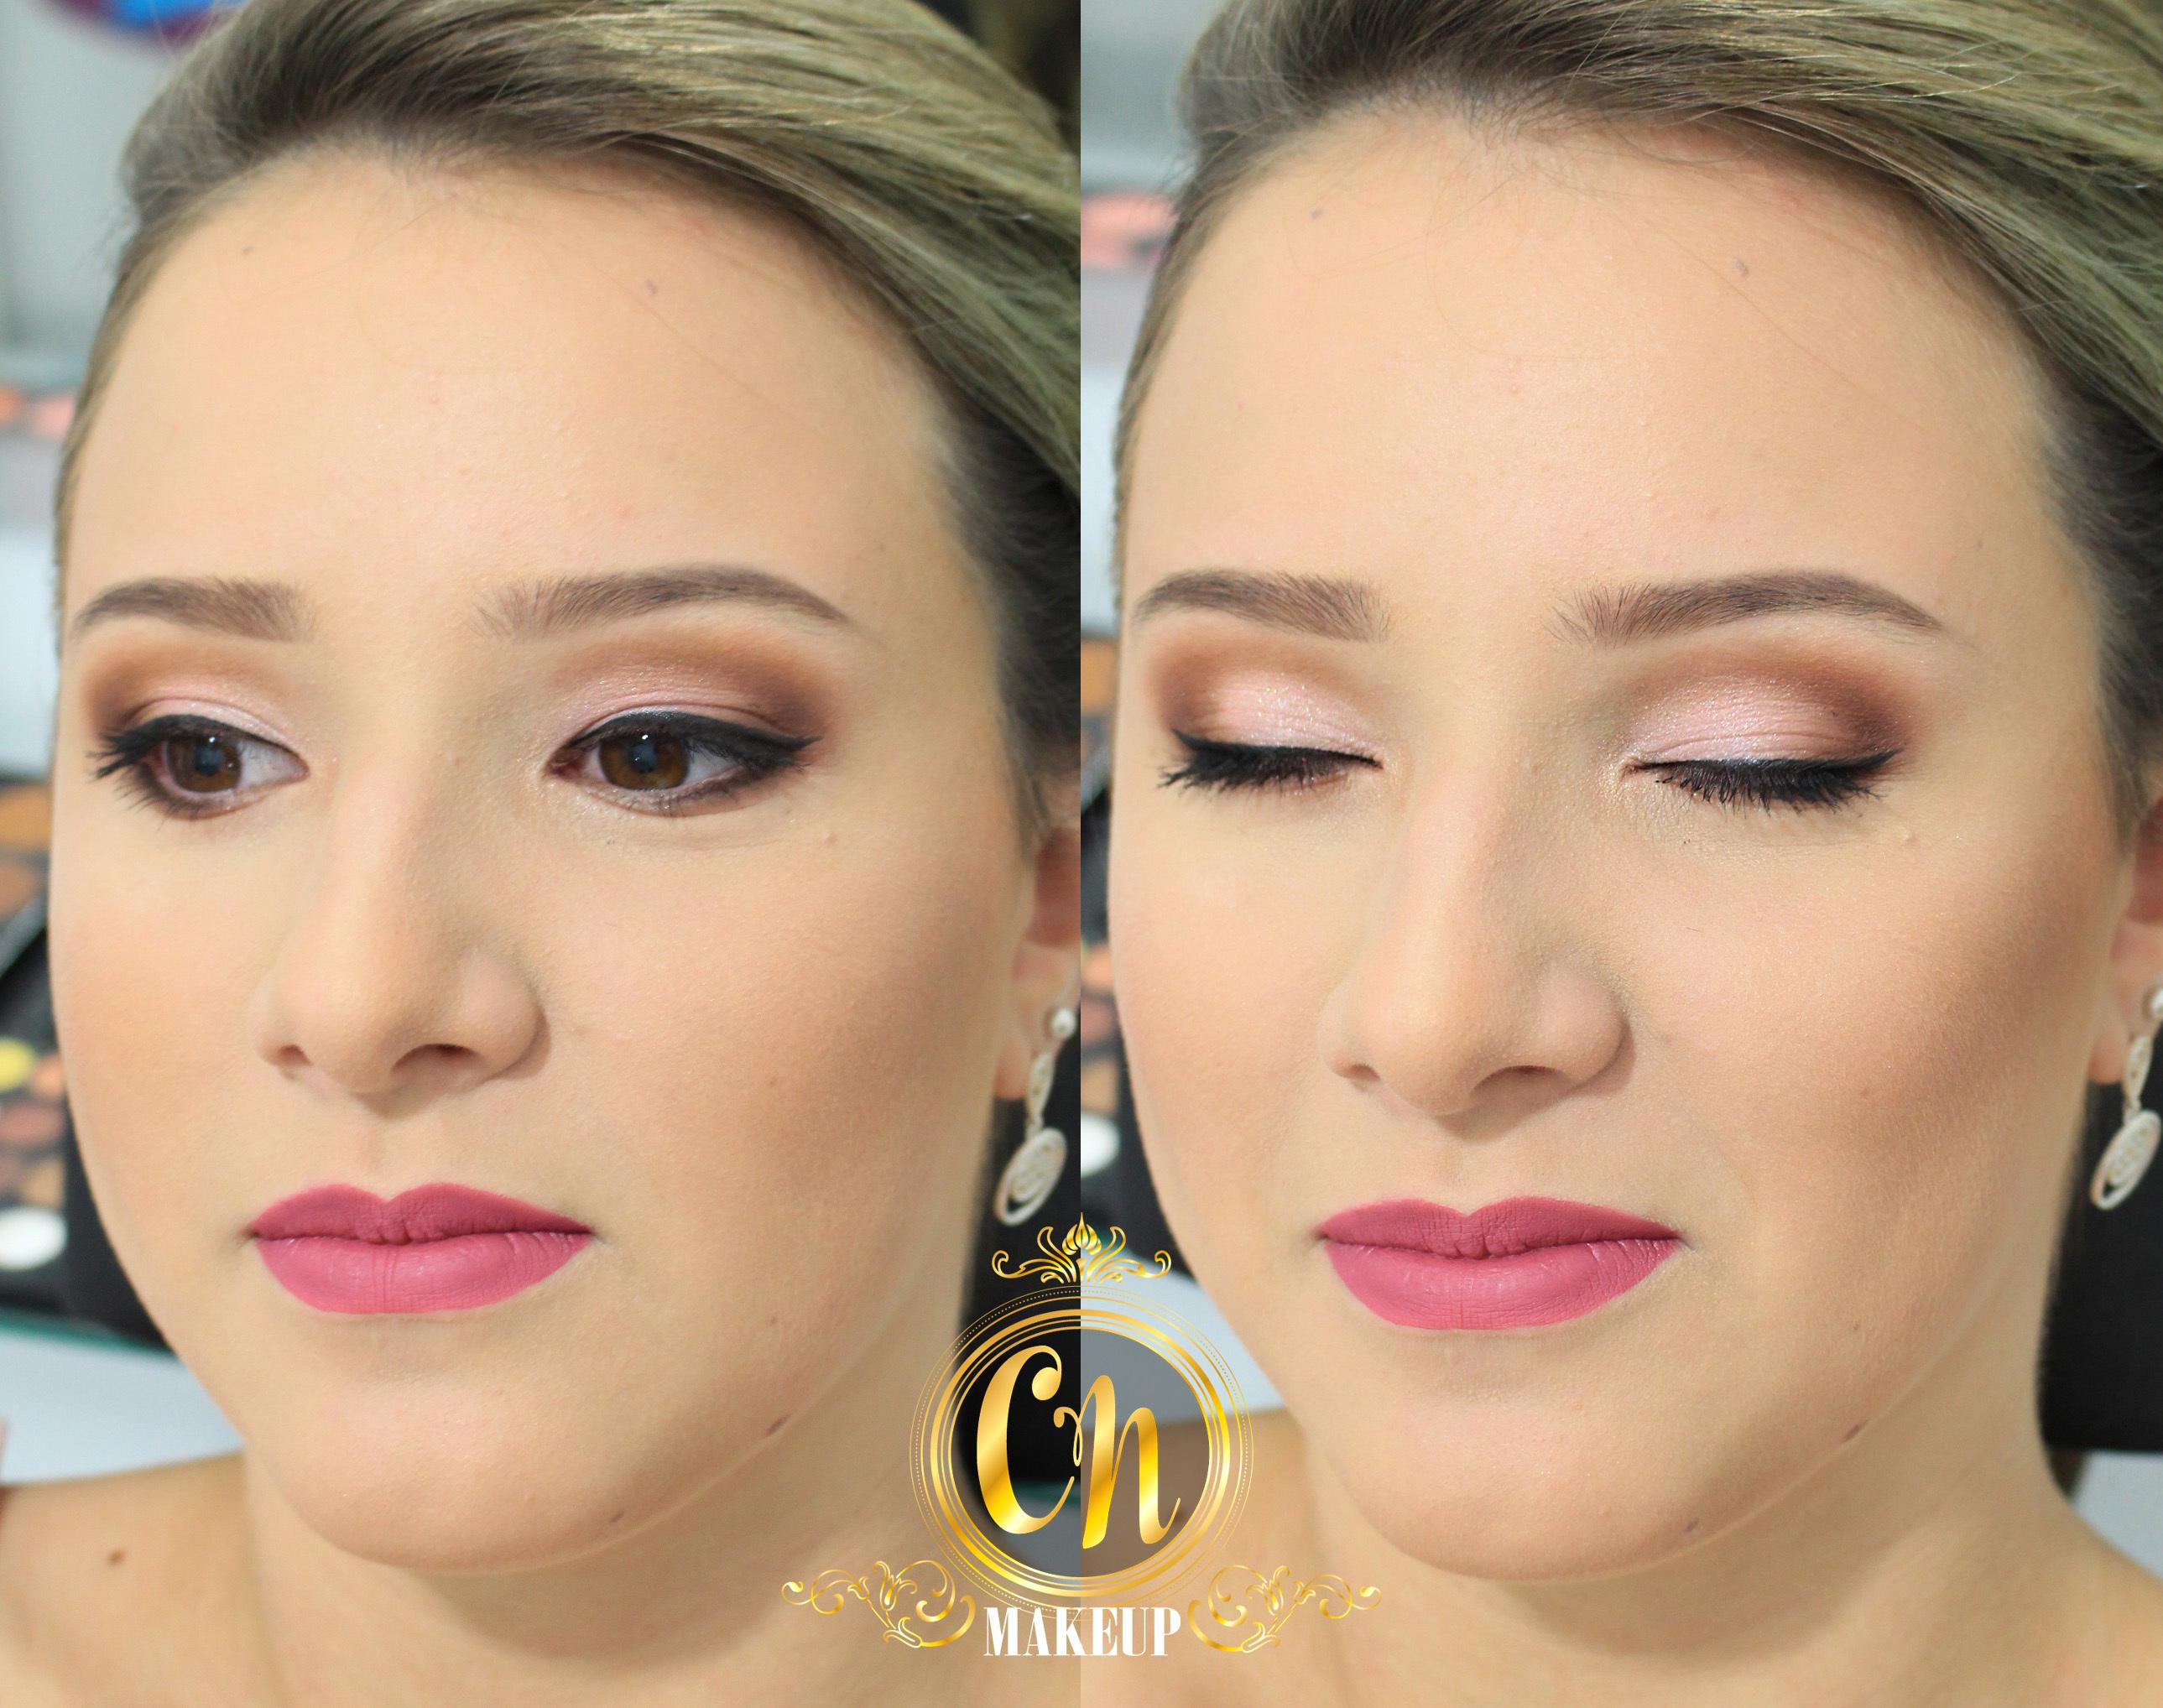 Maquiagem para aniversário de 15 anos! Convidada :3   #maquiagemdebutante #debutante #maquiagem #maquiadoraubatuba #maquiagemubatuba #maquiadoracaraguatatuba #makeup #mua #ubatuba #caraguatatuba #belezaubatuba #15anos maquiagem maquiador(a)